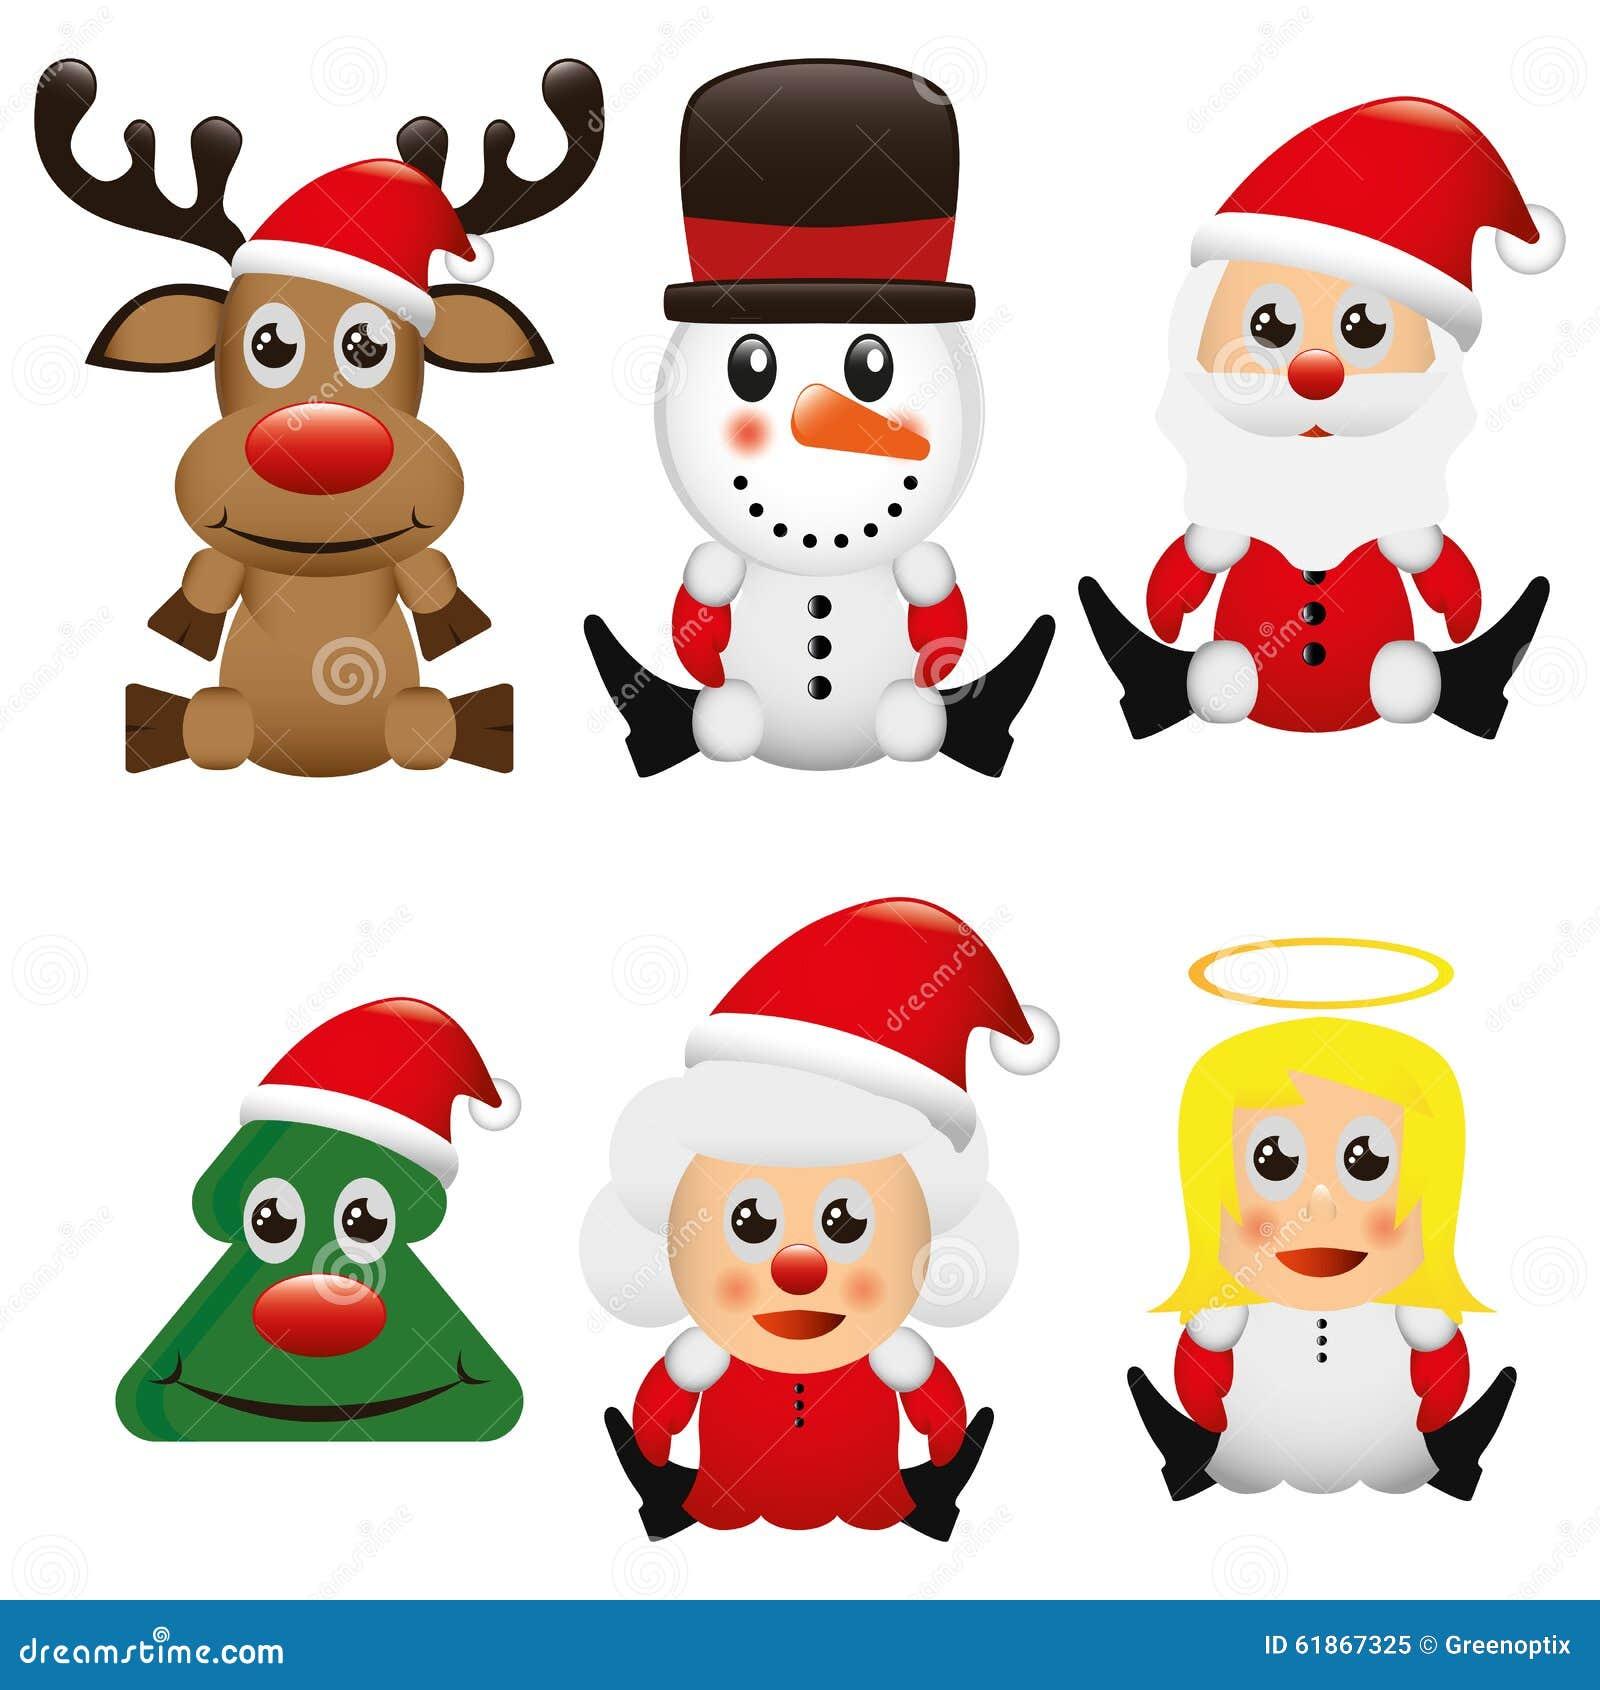 Illustrations vektor grafik weihnachten vektor abbildung bild 61867325 - Grafik weihnachten kostenlos ...